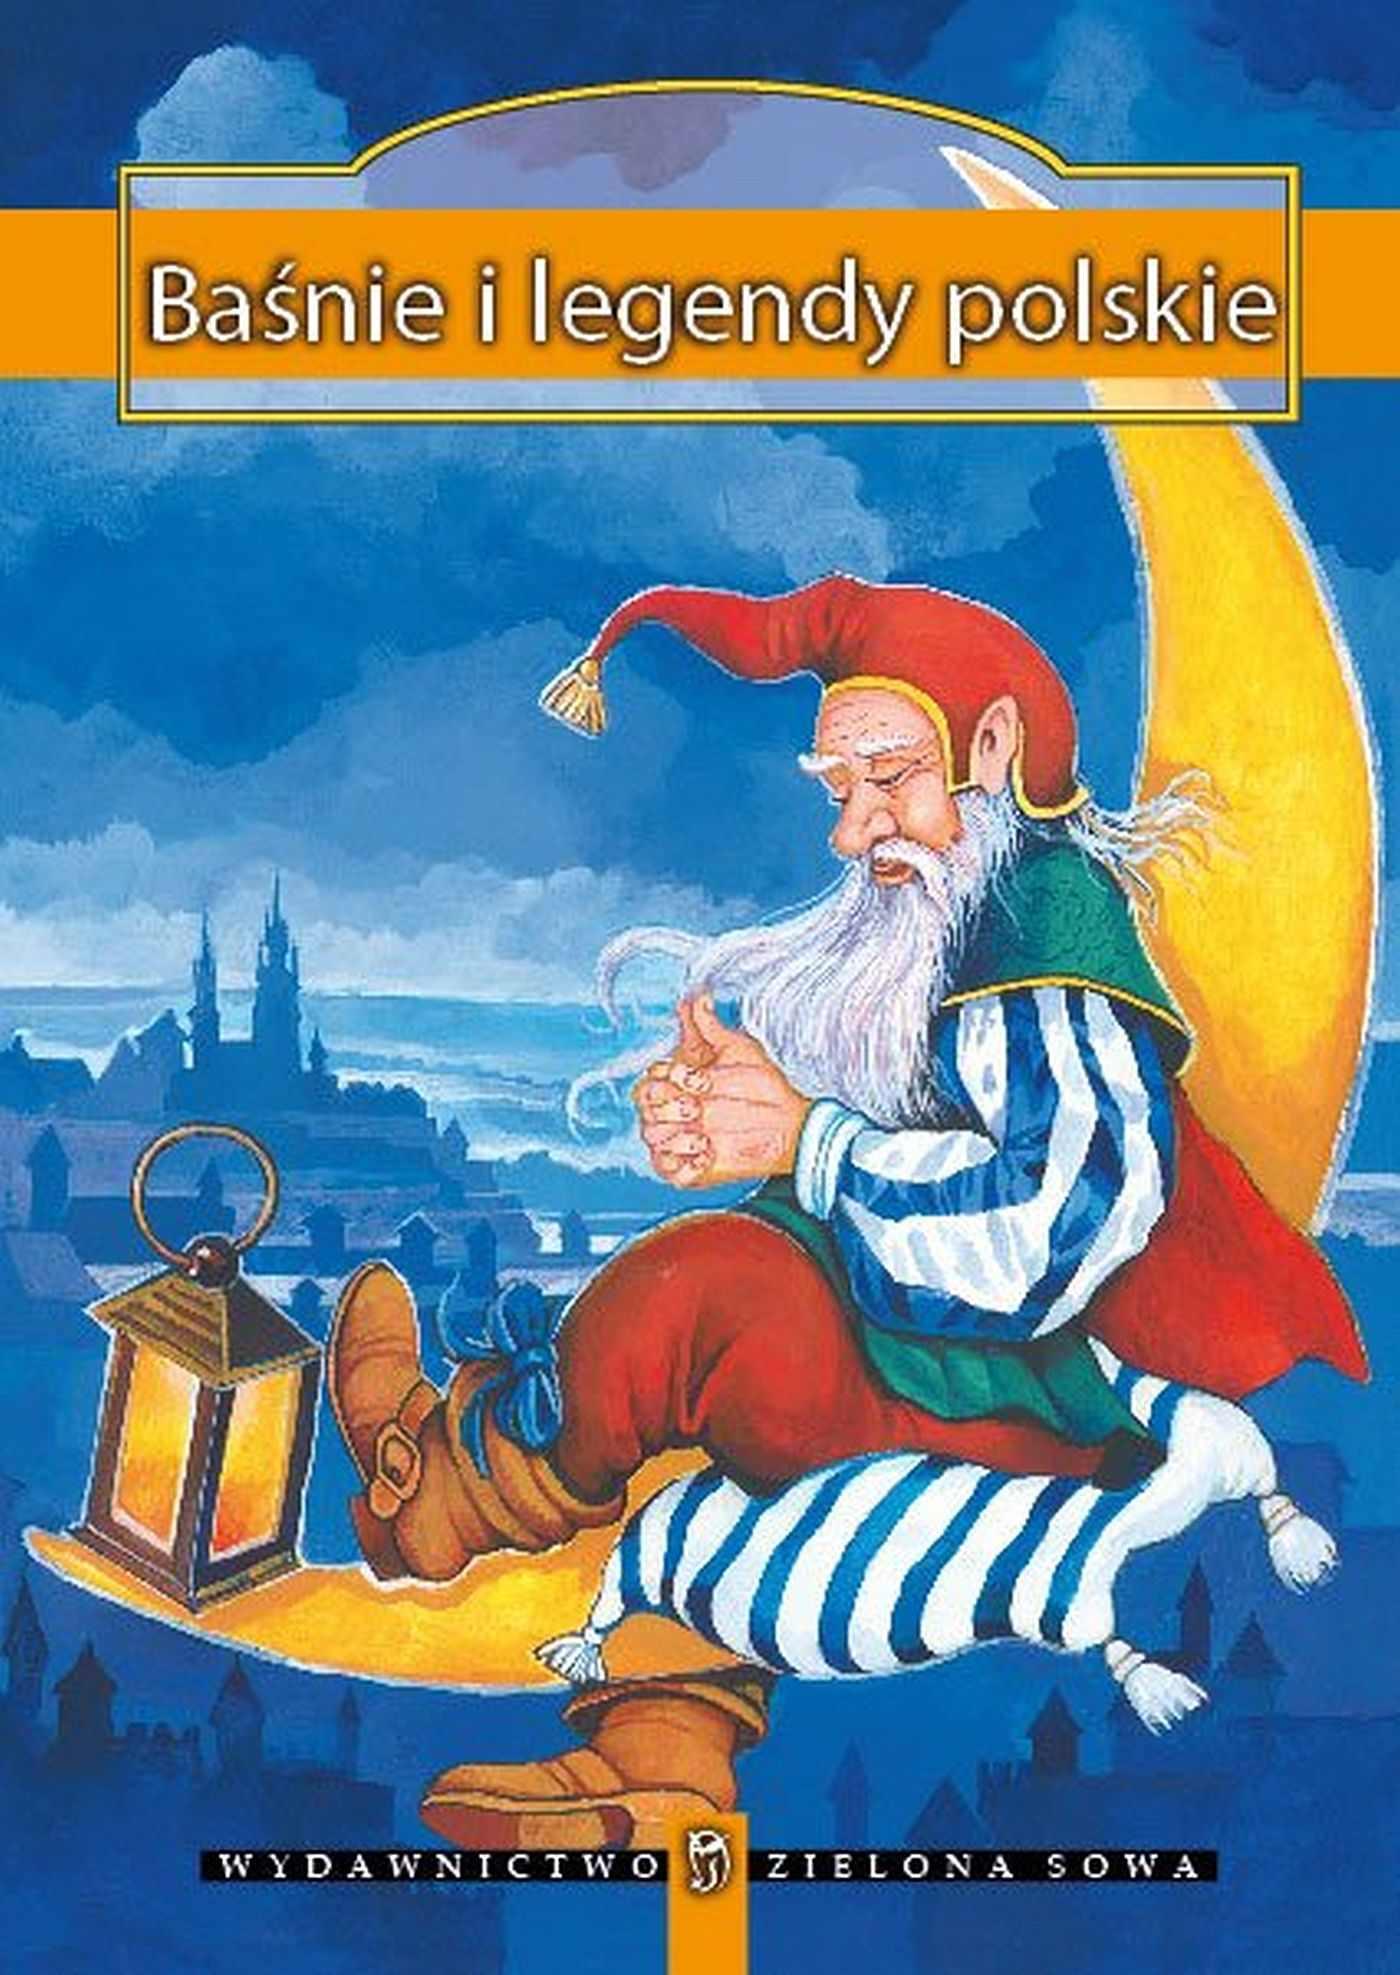 Baśnie i legendy polskie - Ebook (Książka EPUB) do pobrania w formacie EPUB